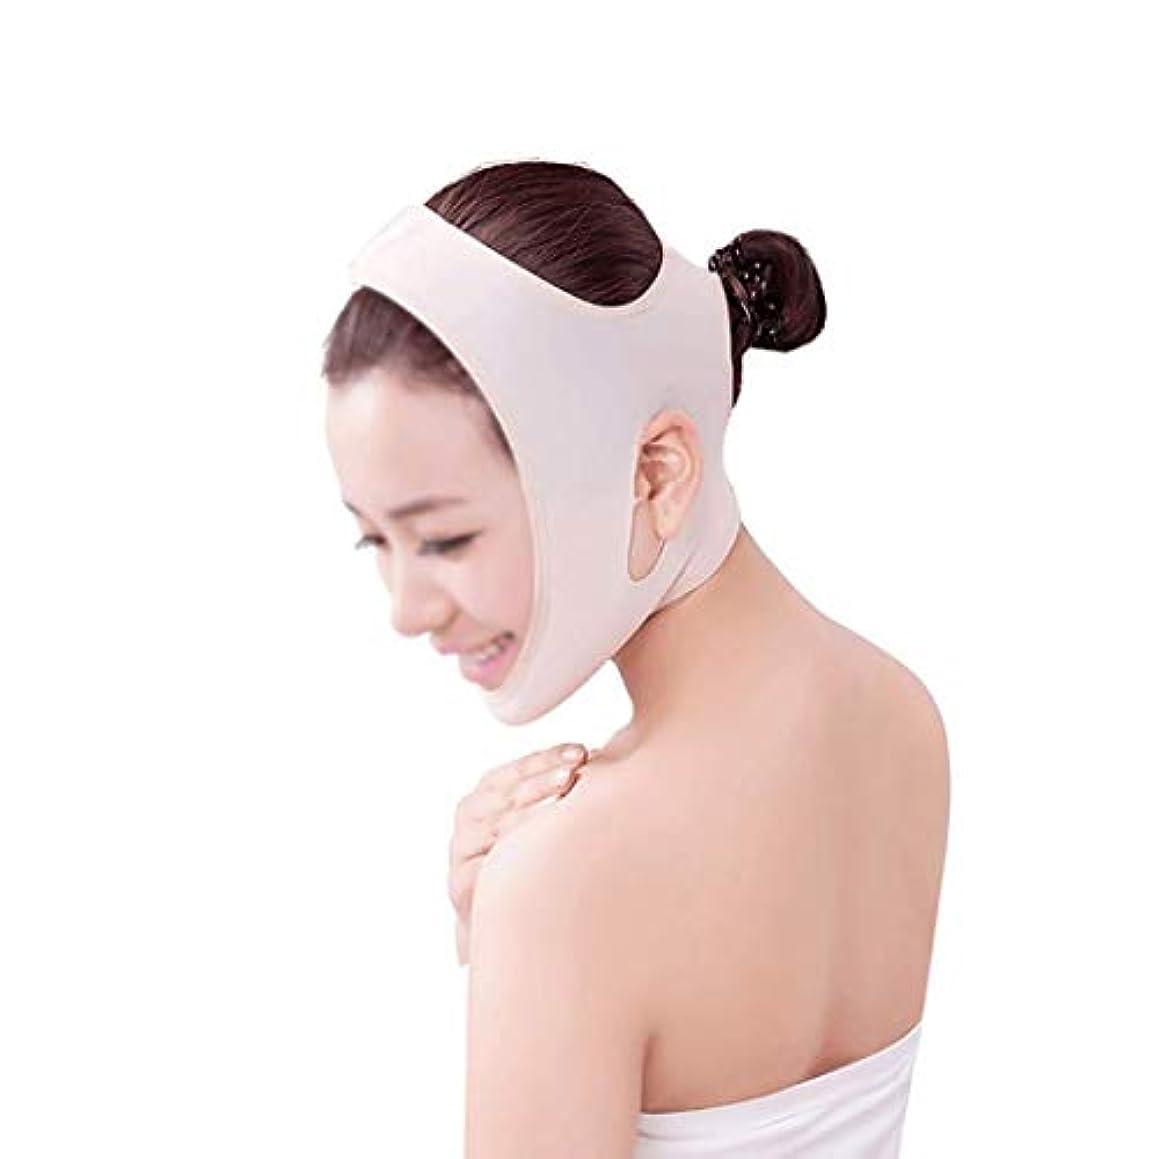 神経欠伸ニンニクフェイス&ネックリフト術後弾性セット美容マスク小Vフェイスアーティファクトタイトリフティングエラスティックバンドリフティングフェイスシンフェイス包帯(サイズ:XL)